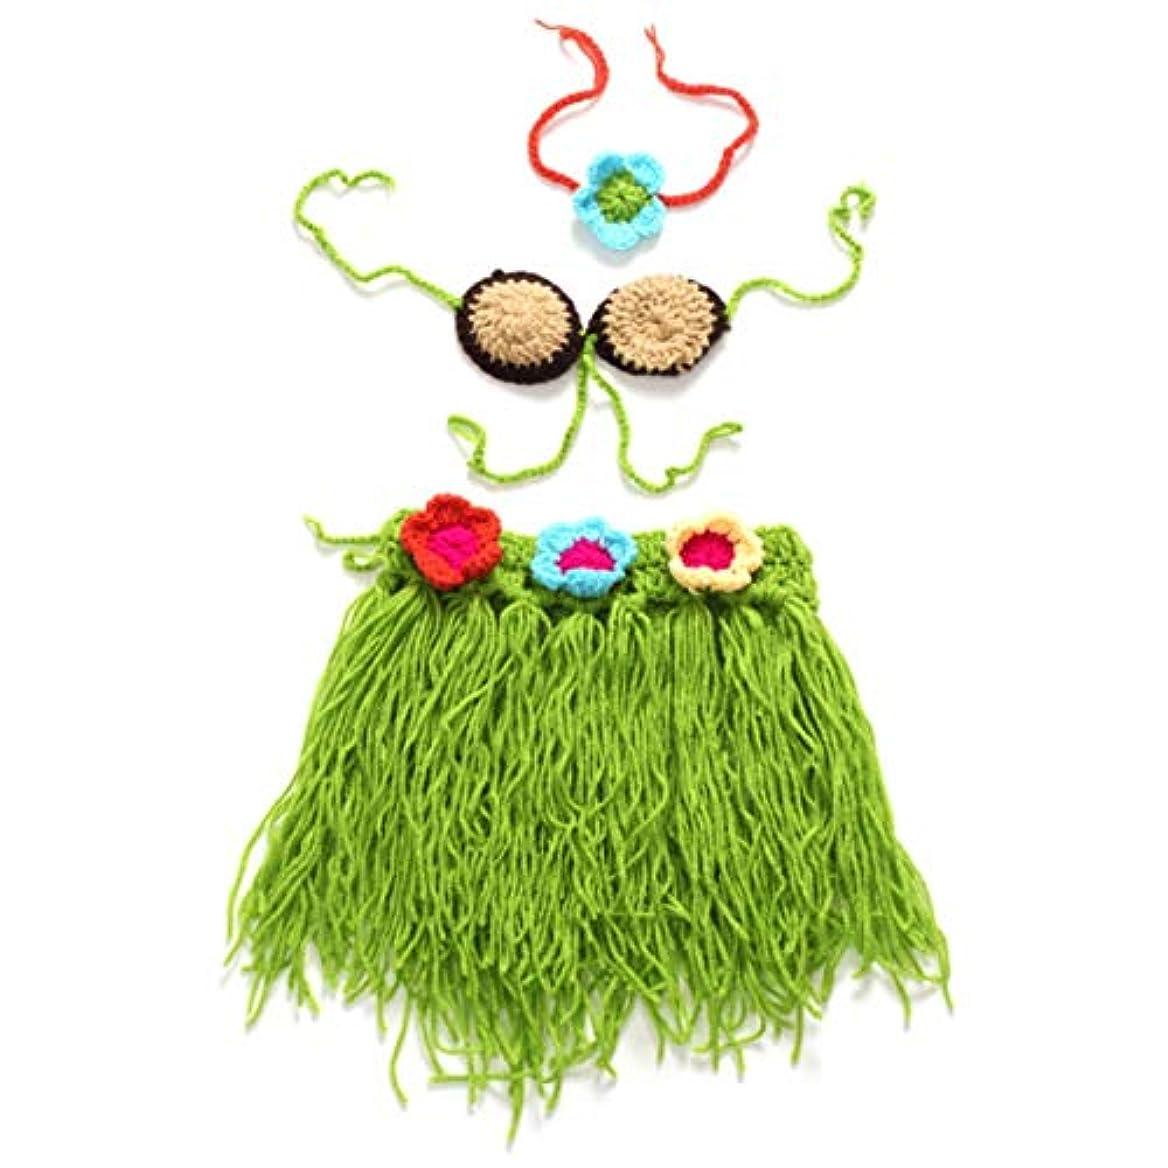 通り良さ共同選択生まれたばかりの赤ちゃんの写真の小道具かぎ針編みウールの衣装カチューシャ帽子セット男の子のための女の子の写真衣装コスチュームアクセサリー-グリーン